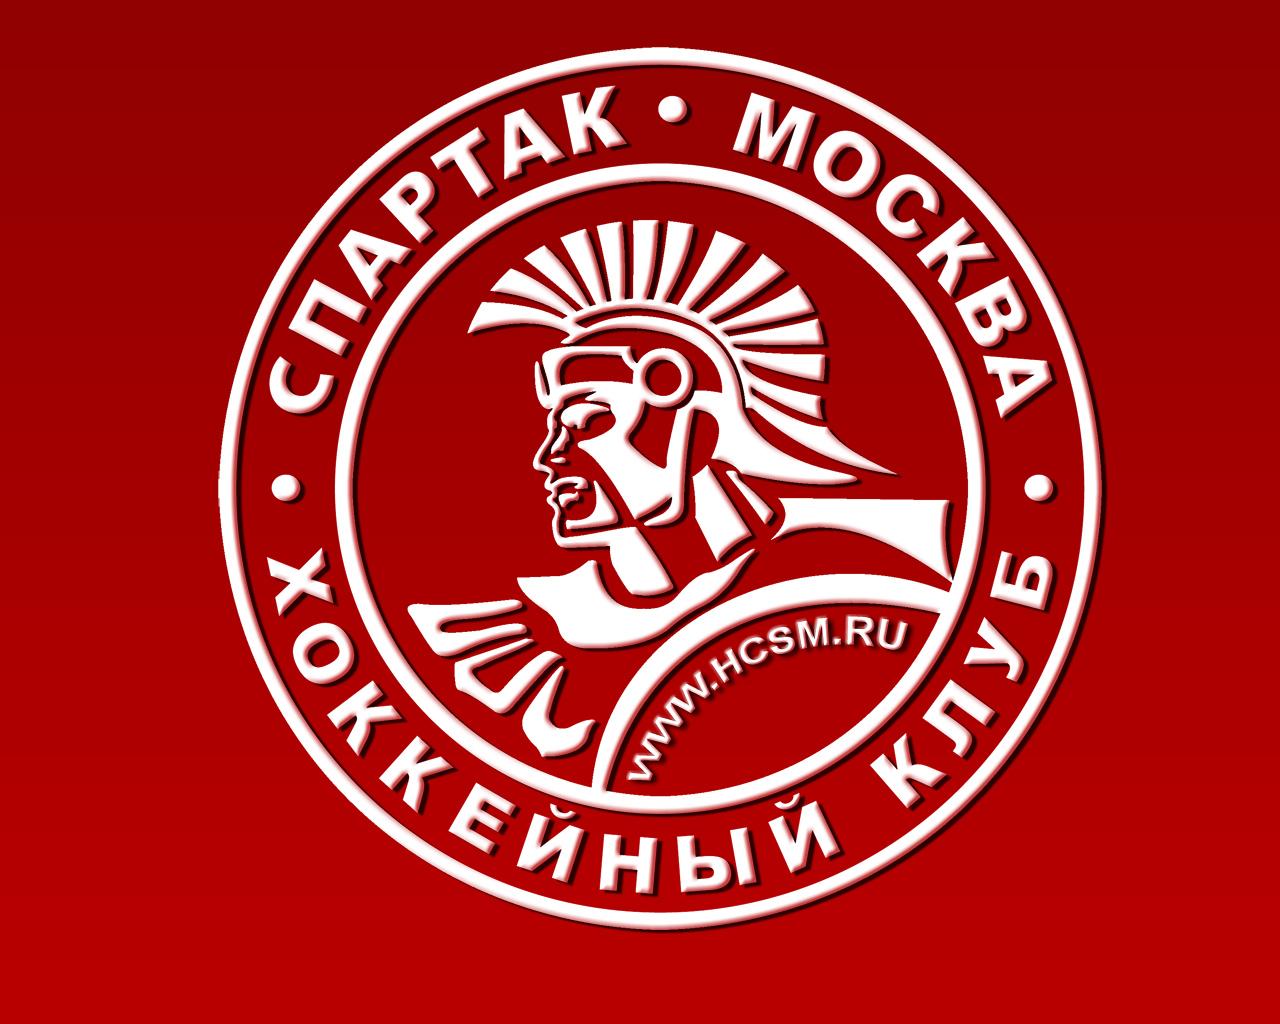 khk_spartak.jpg